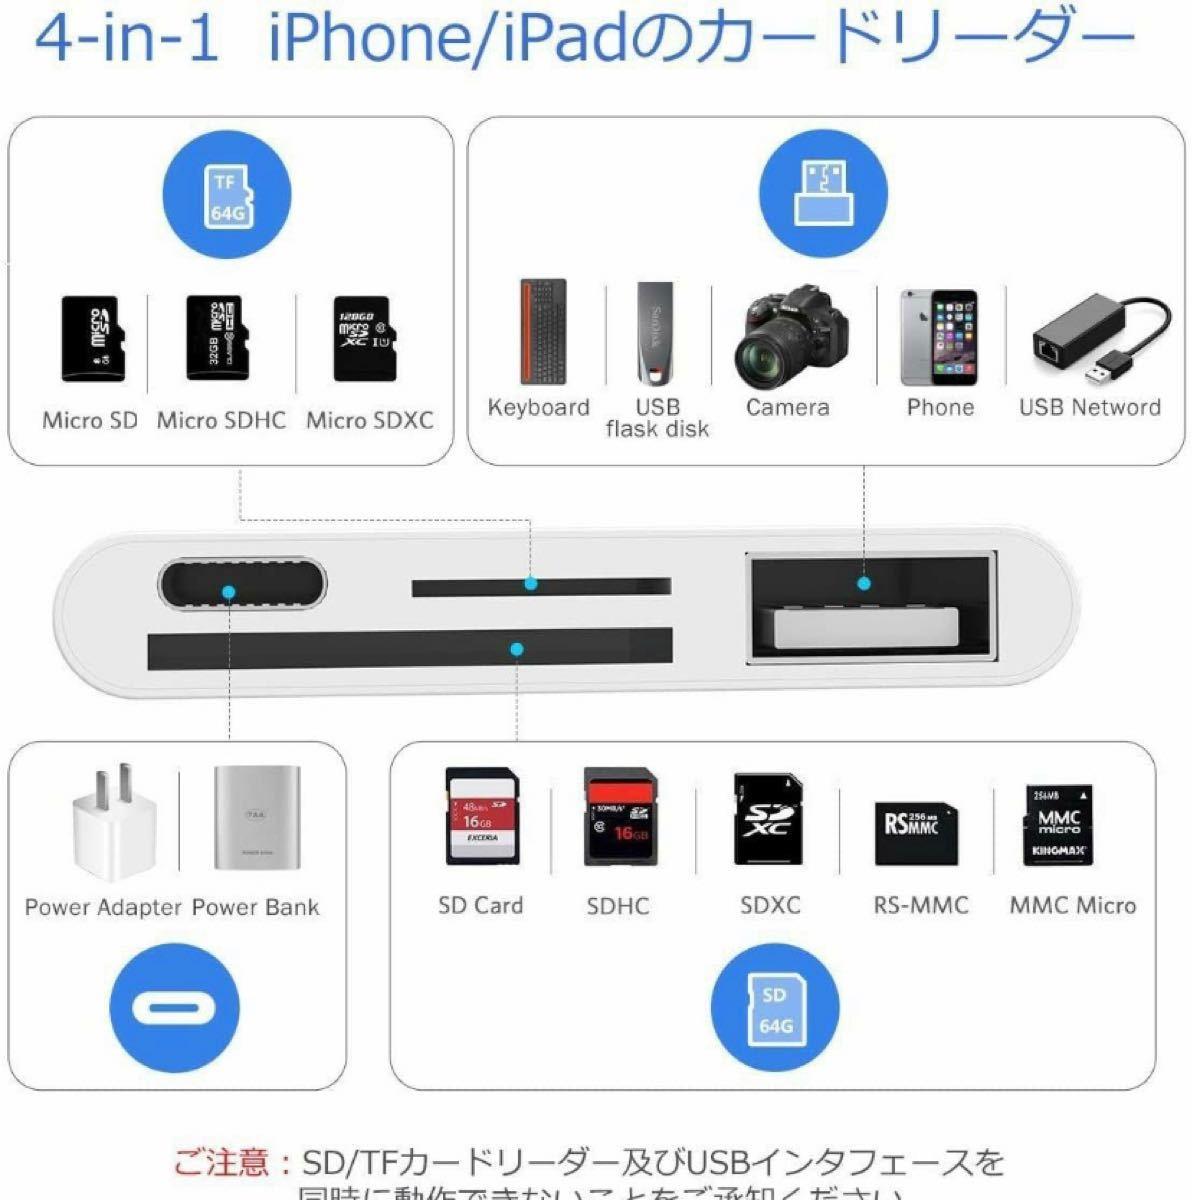 SD カード カメラリーダー カメラデータ移行【即購入ok】